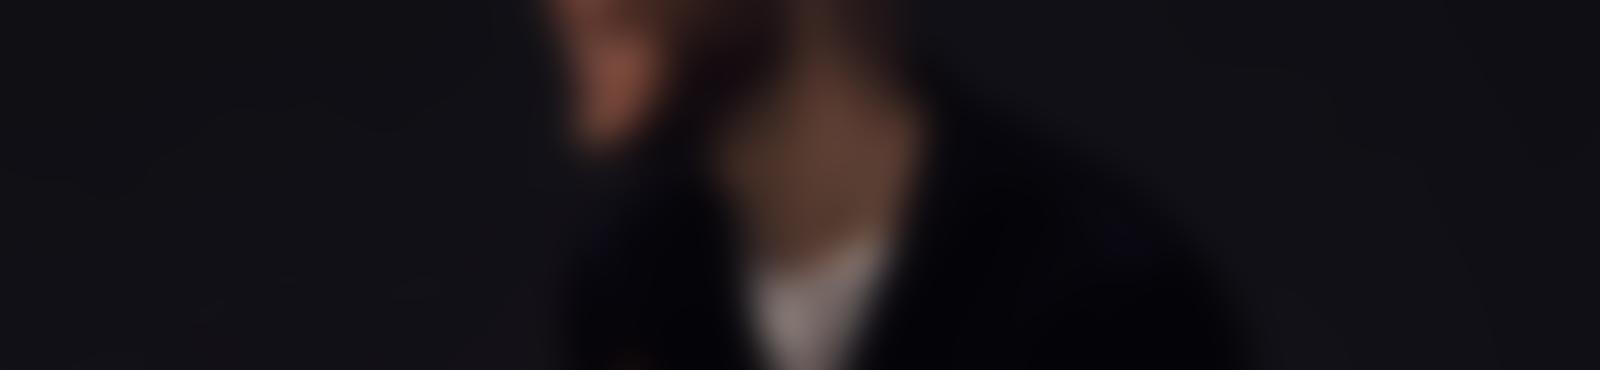 Blurred 0bc7ffb4 ba22 4095 8bf1 75b21270db6d